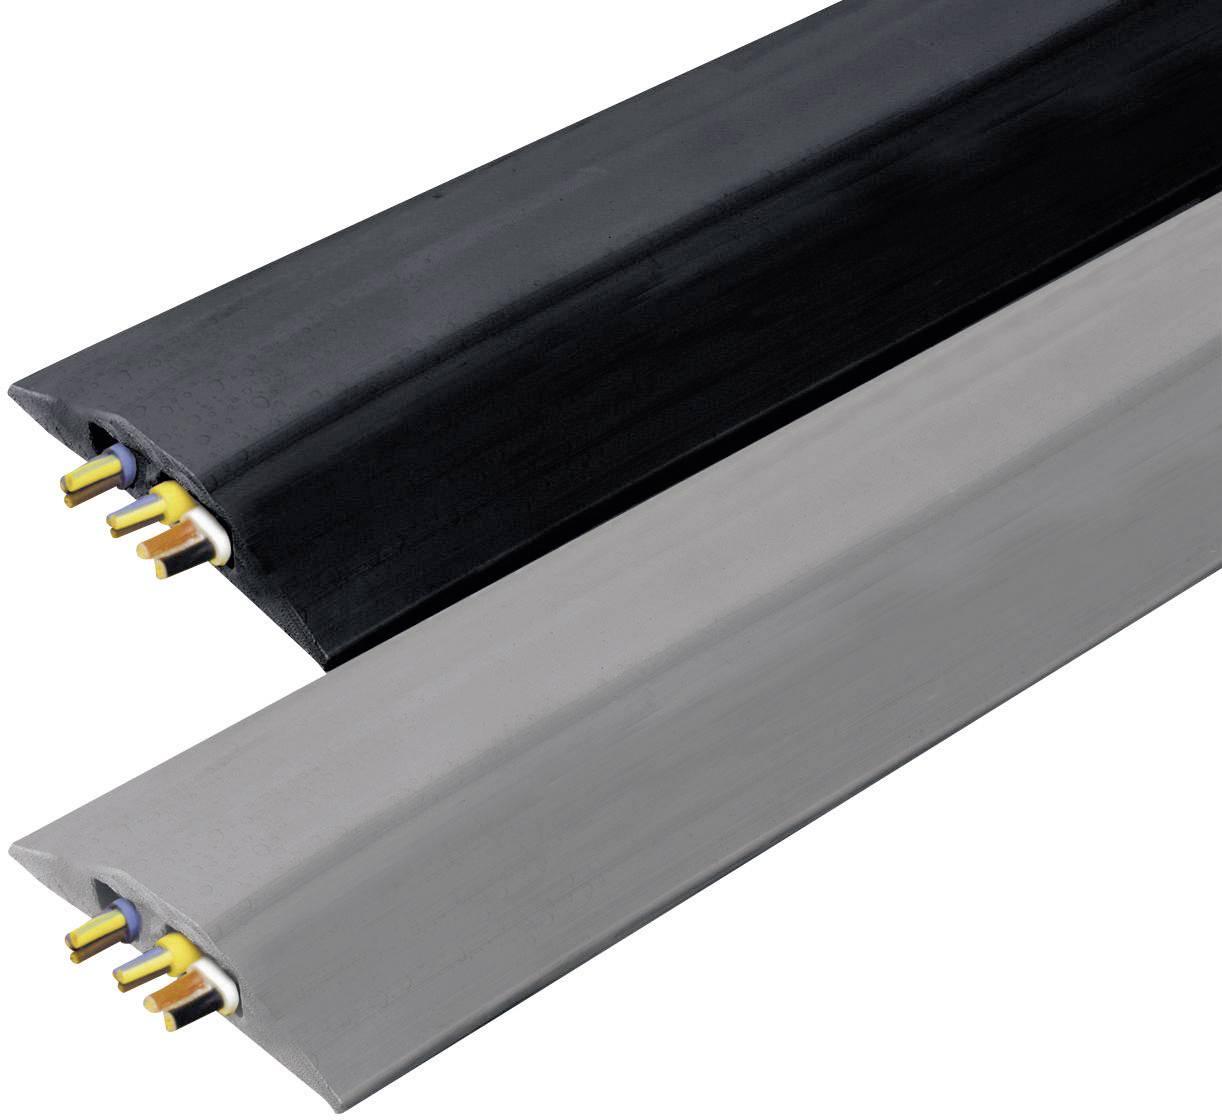 Kabelový můstek Vulcascot VUS-007, černá, 30 x 10 mm, 3000 x 83 x 14 mm